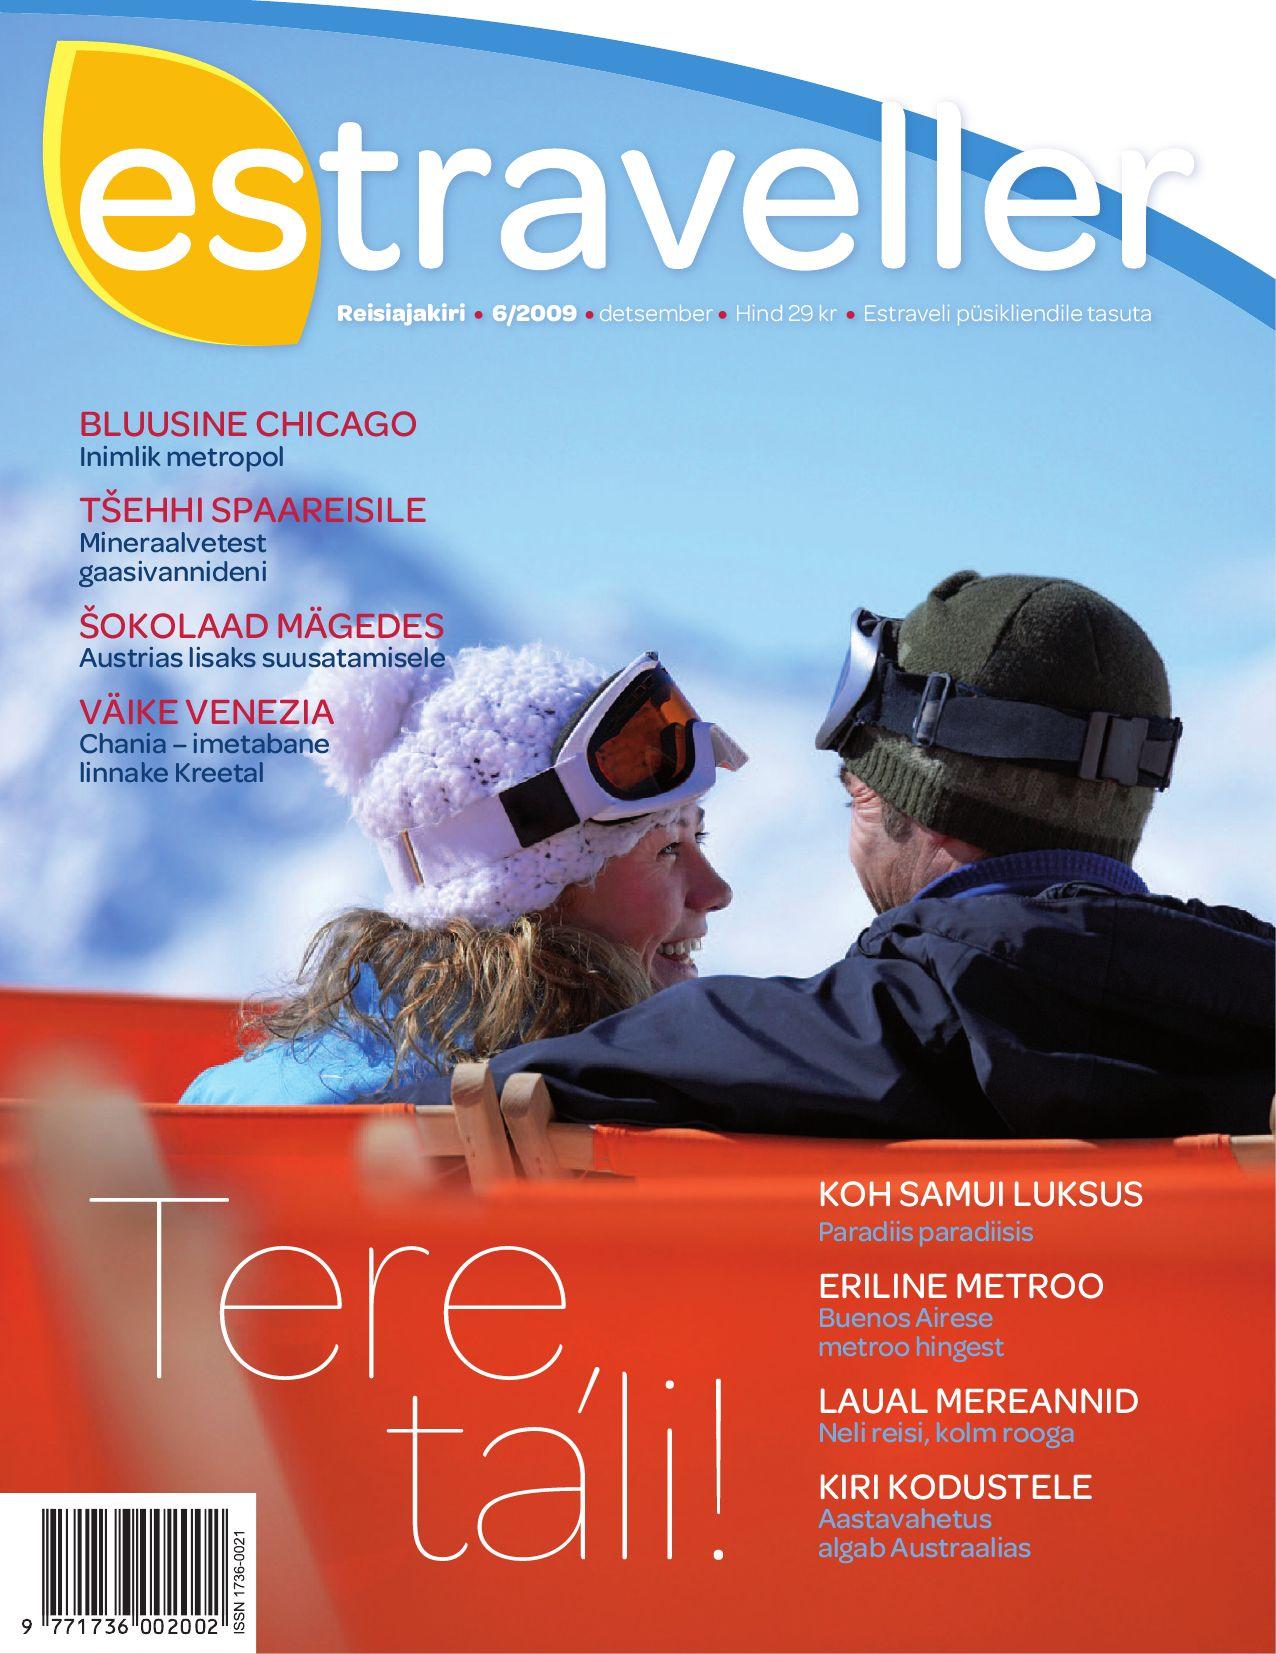 bfcad08affb Estraveller 6/2009 by Estraveller - issuu